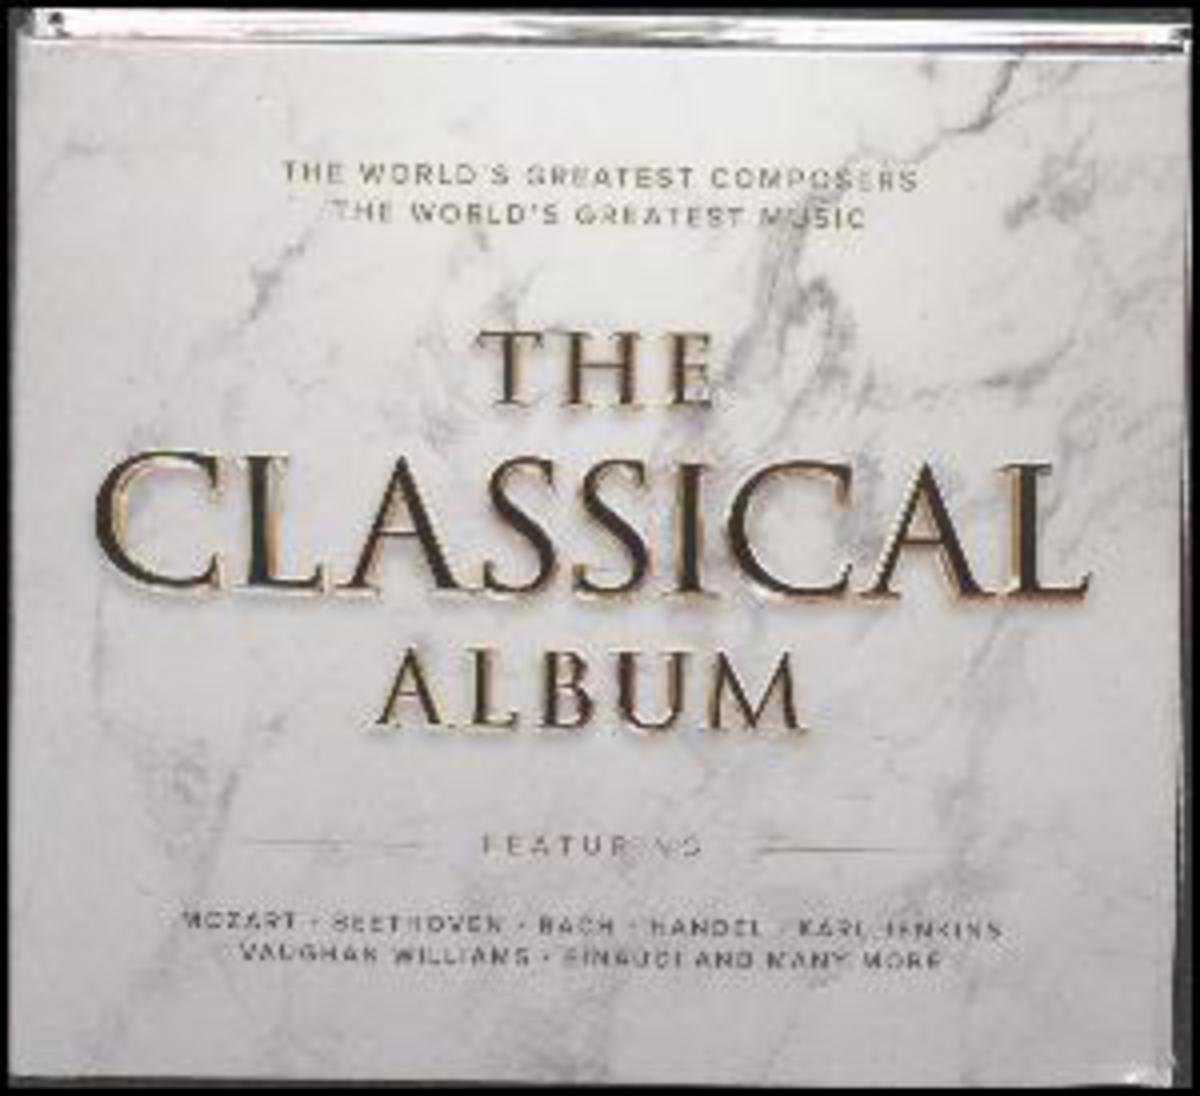 CD RUZNI KLASIKA - THE CLASSICAL ALBUM